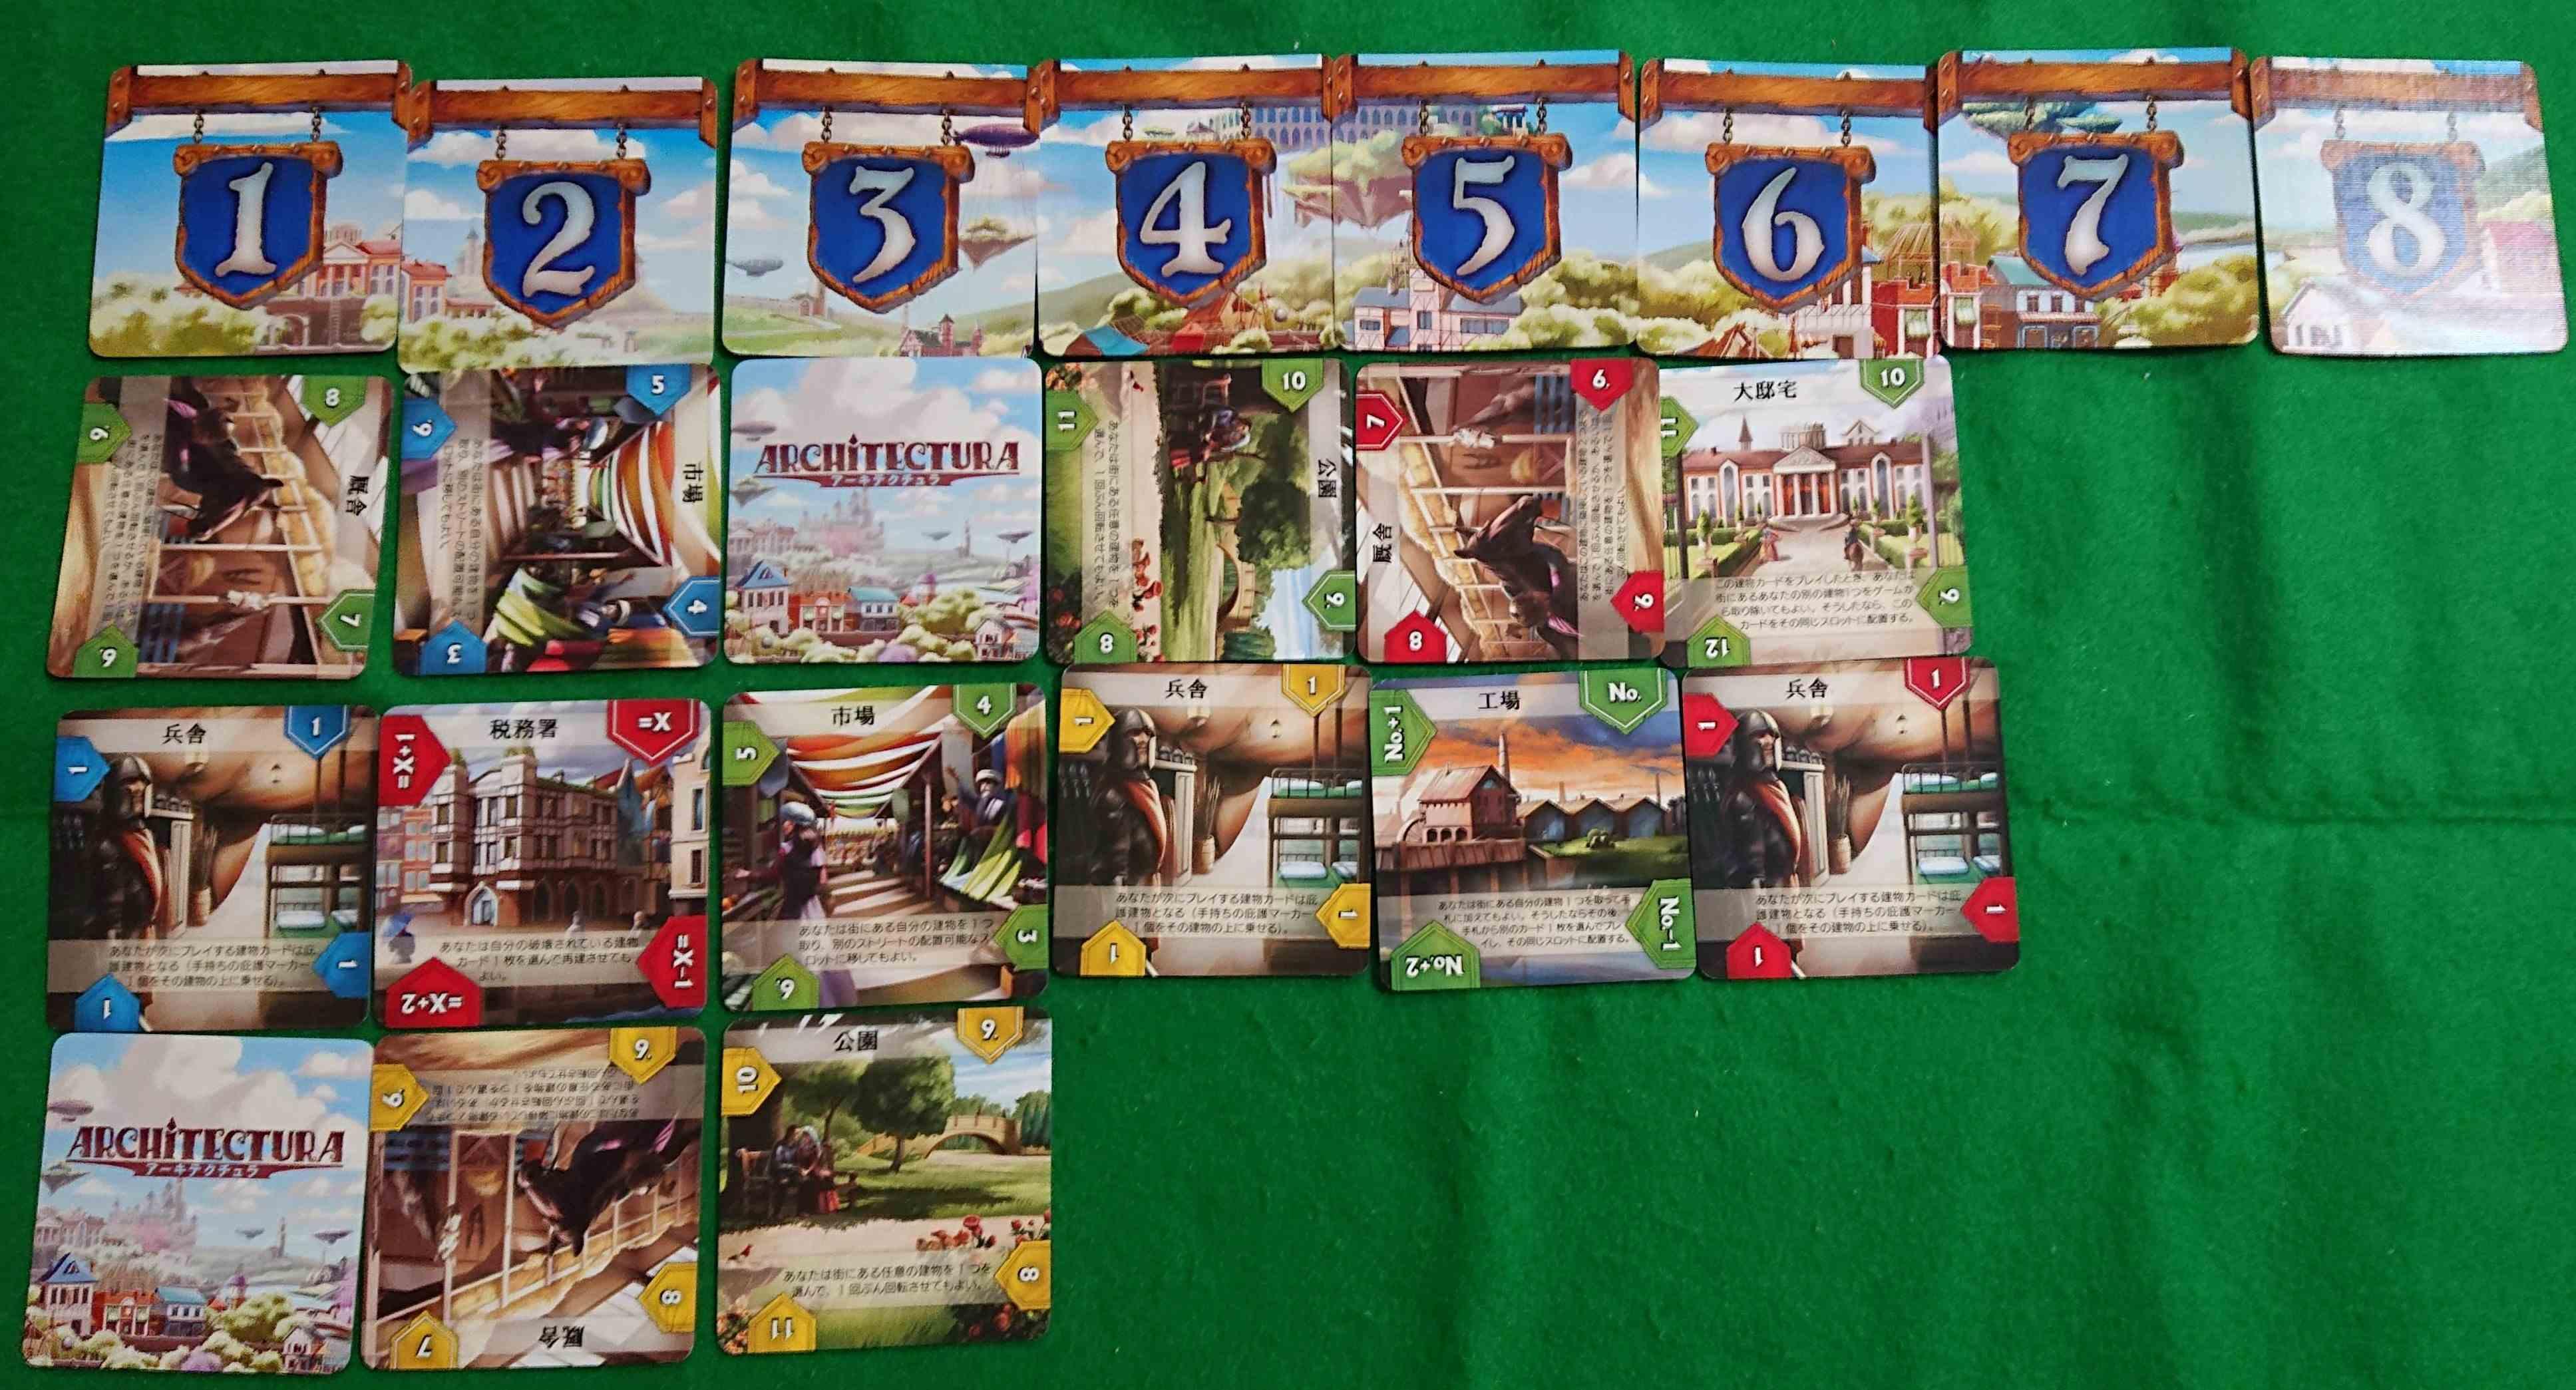 アーキテクチュラ 美しい都市を作りましょう! 建物の価値を競争しあうカードゲーム ボードゲーム